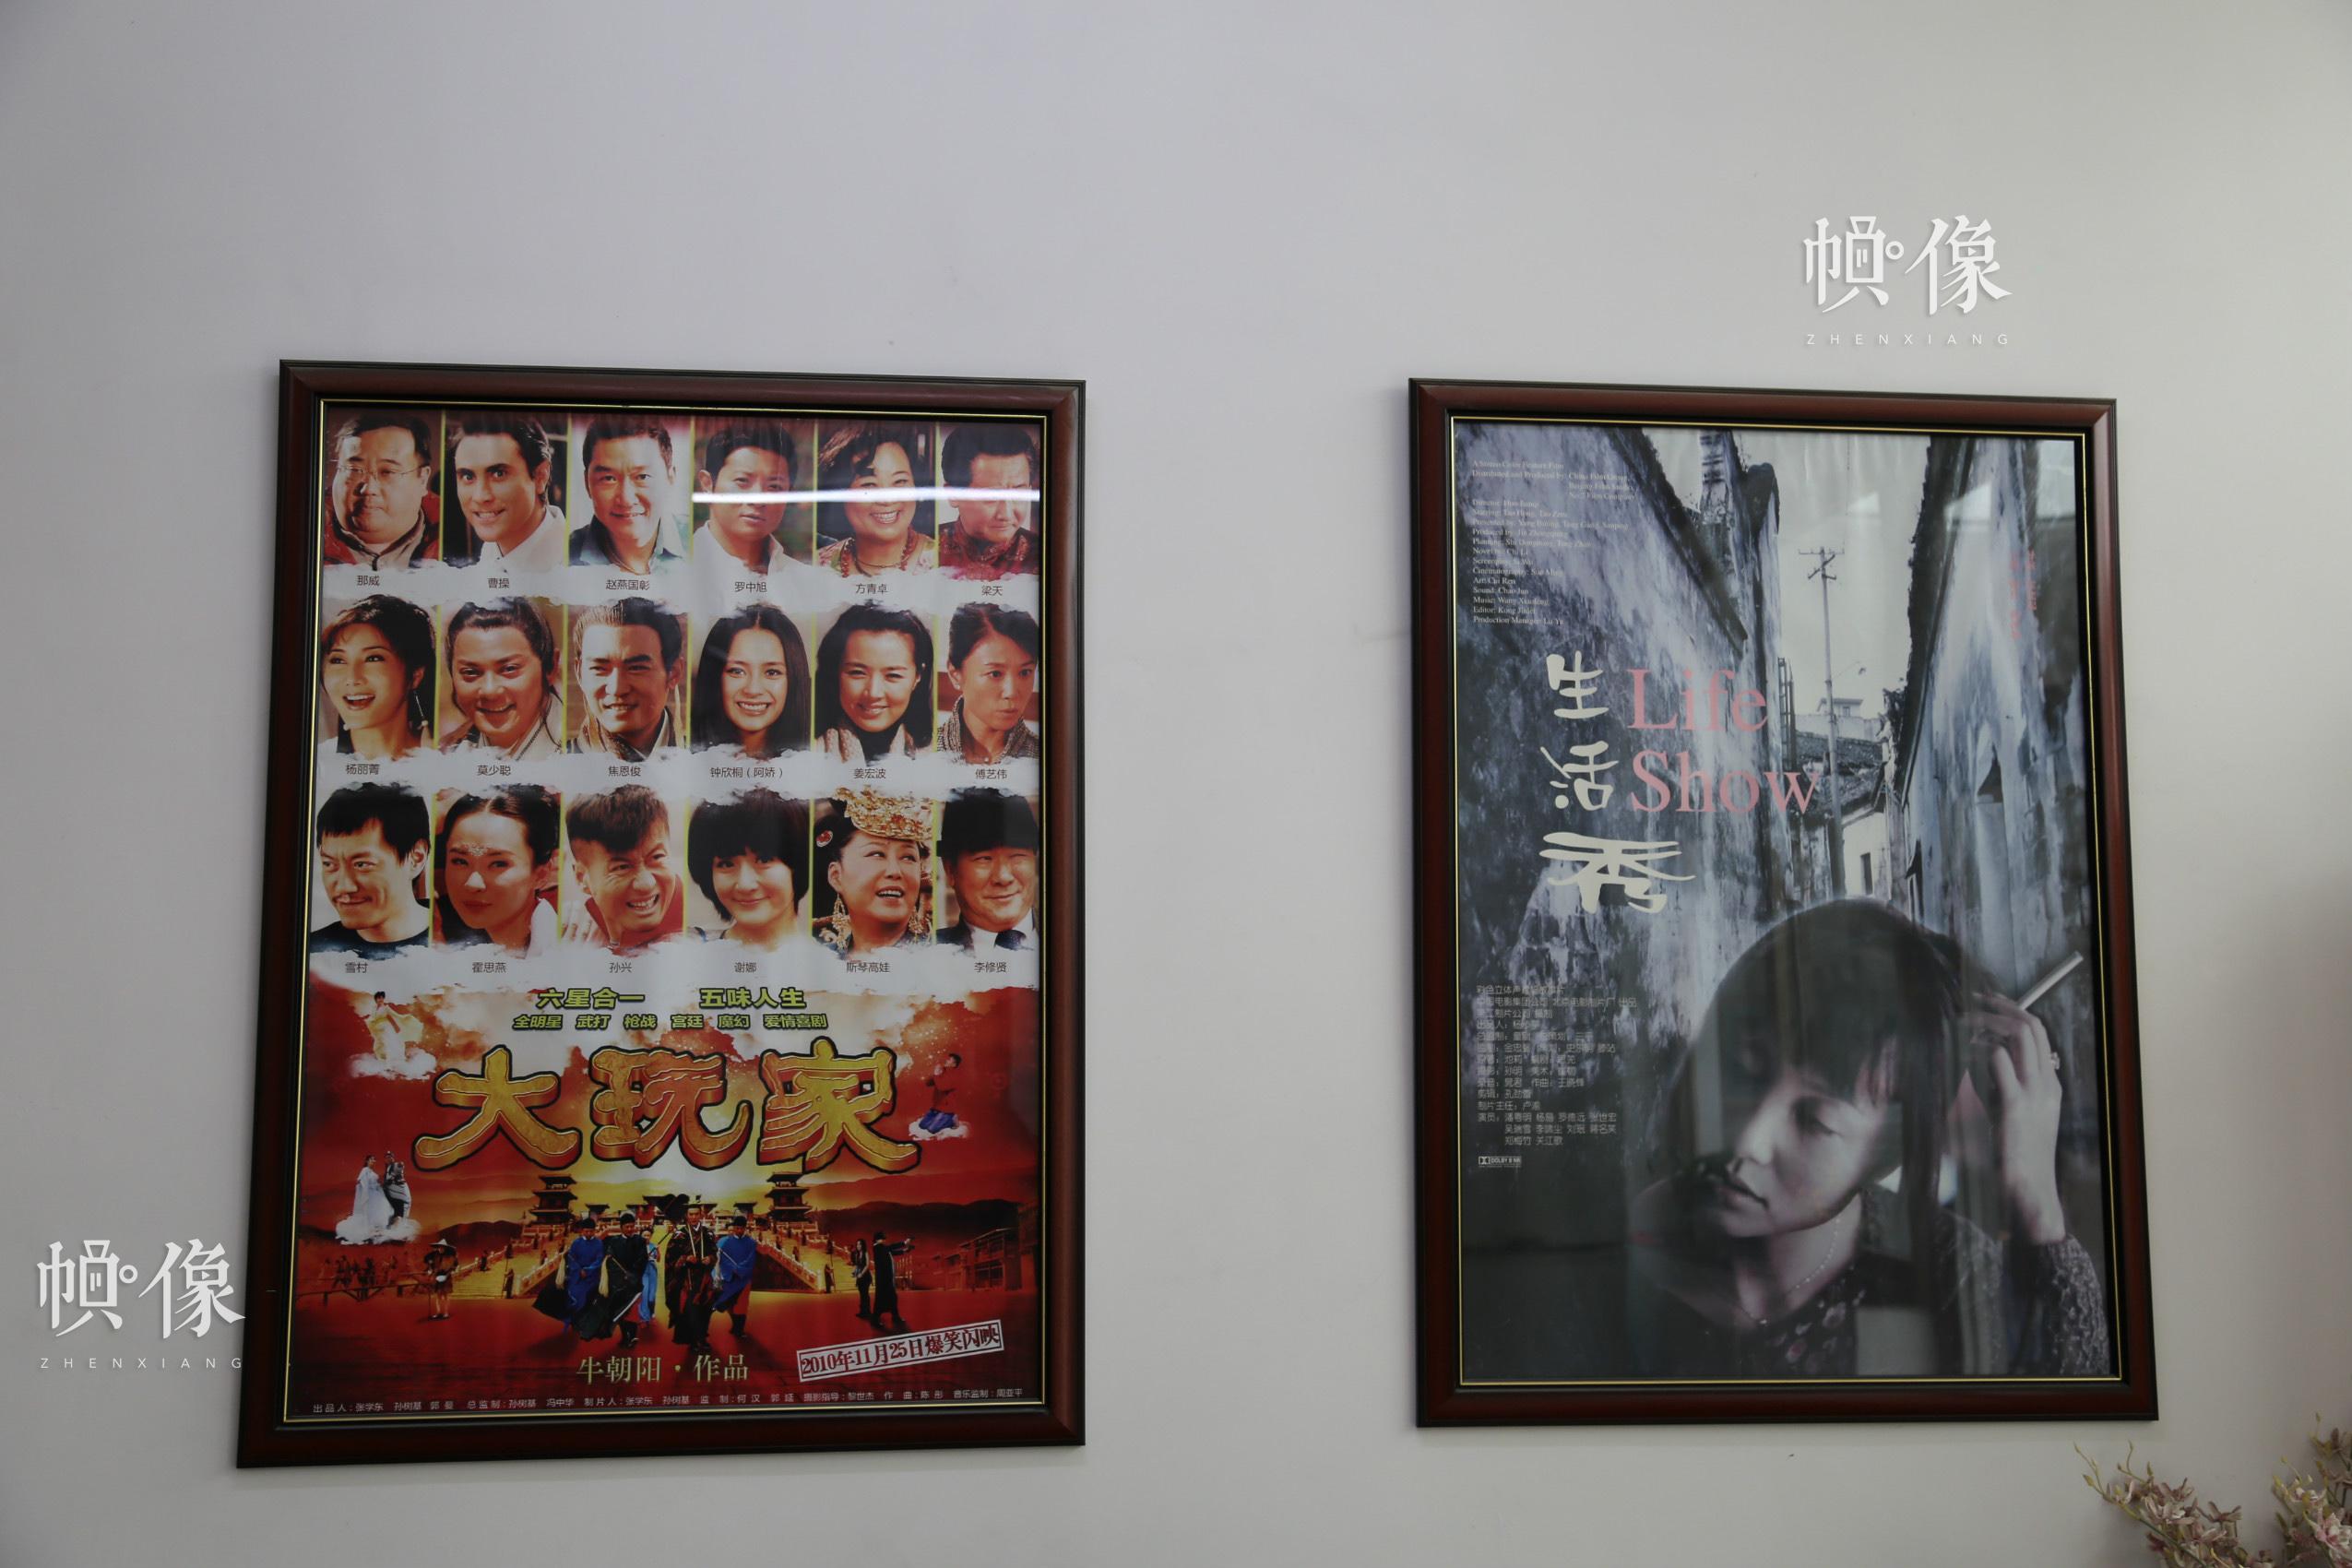 拟音师魏俊华参与拟音制作的电影作品。 中国网实习记者 黄牧晨 摄